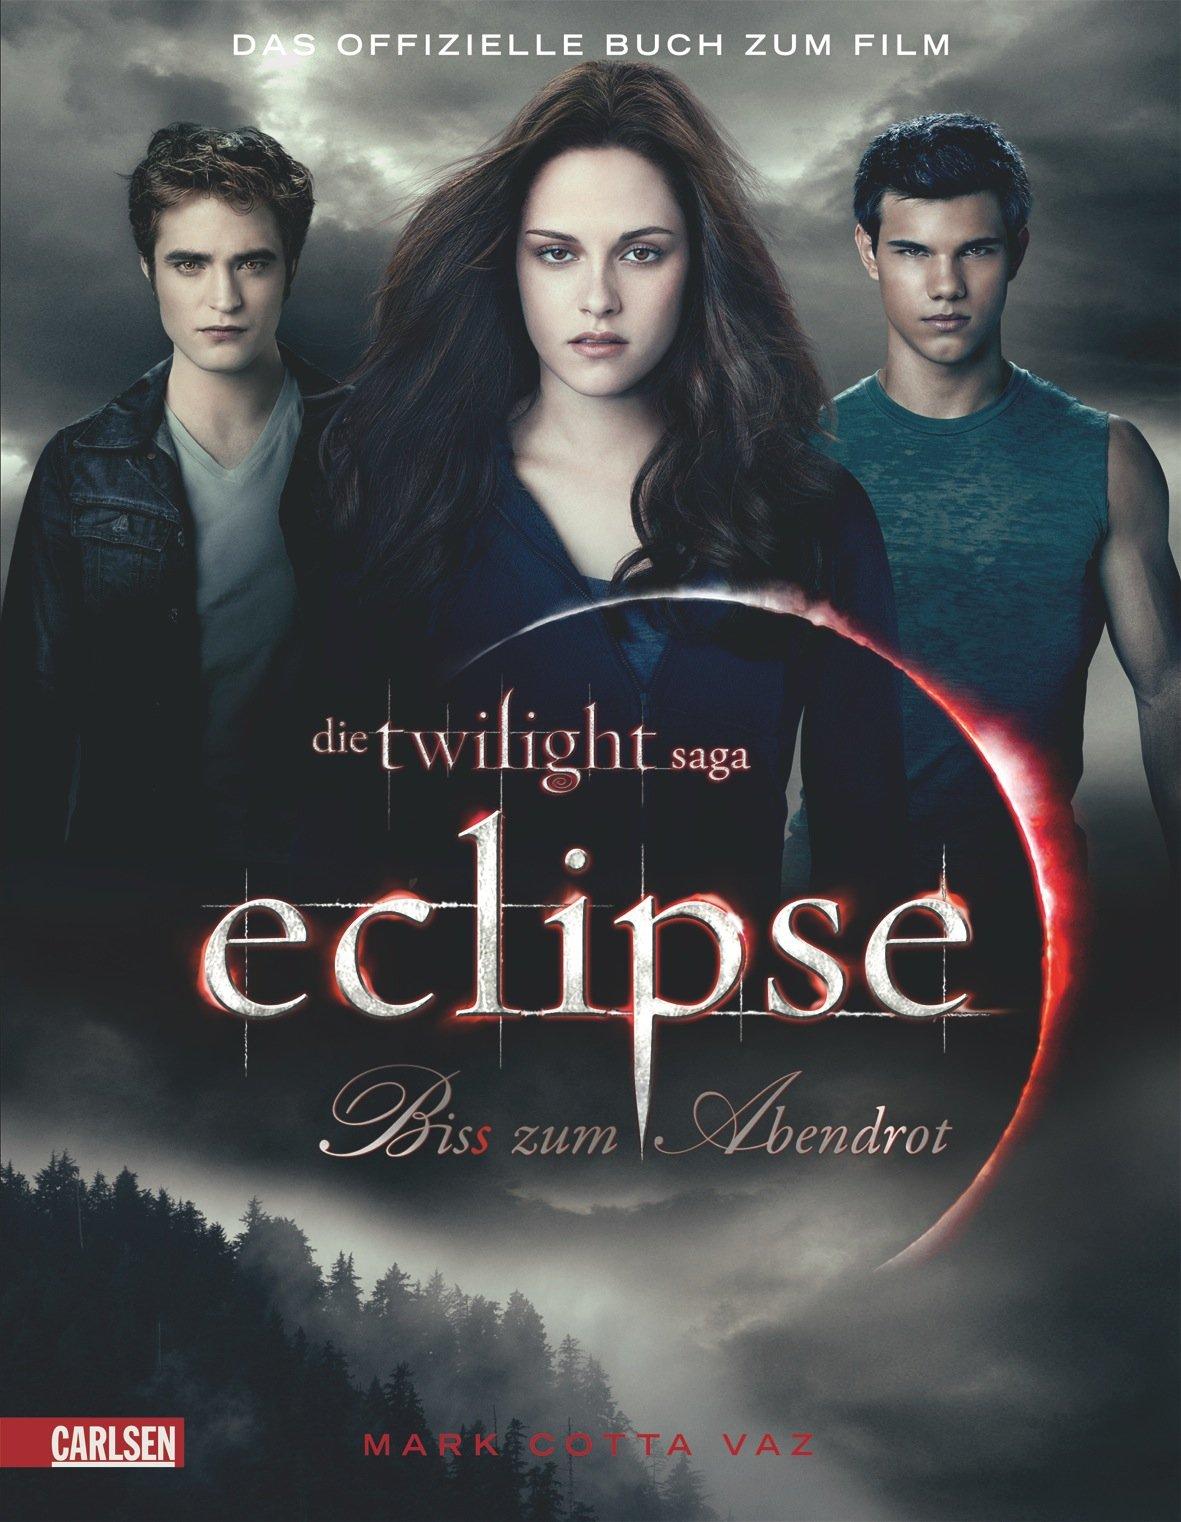 Bella und Edward: Die Twilight Saga: Eclipse - Biss zum Abendrot: Das offizielle Buch zum Film